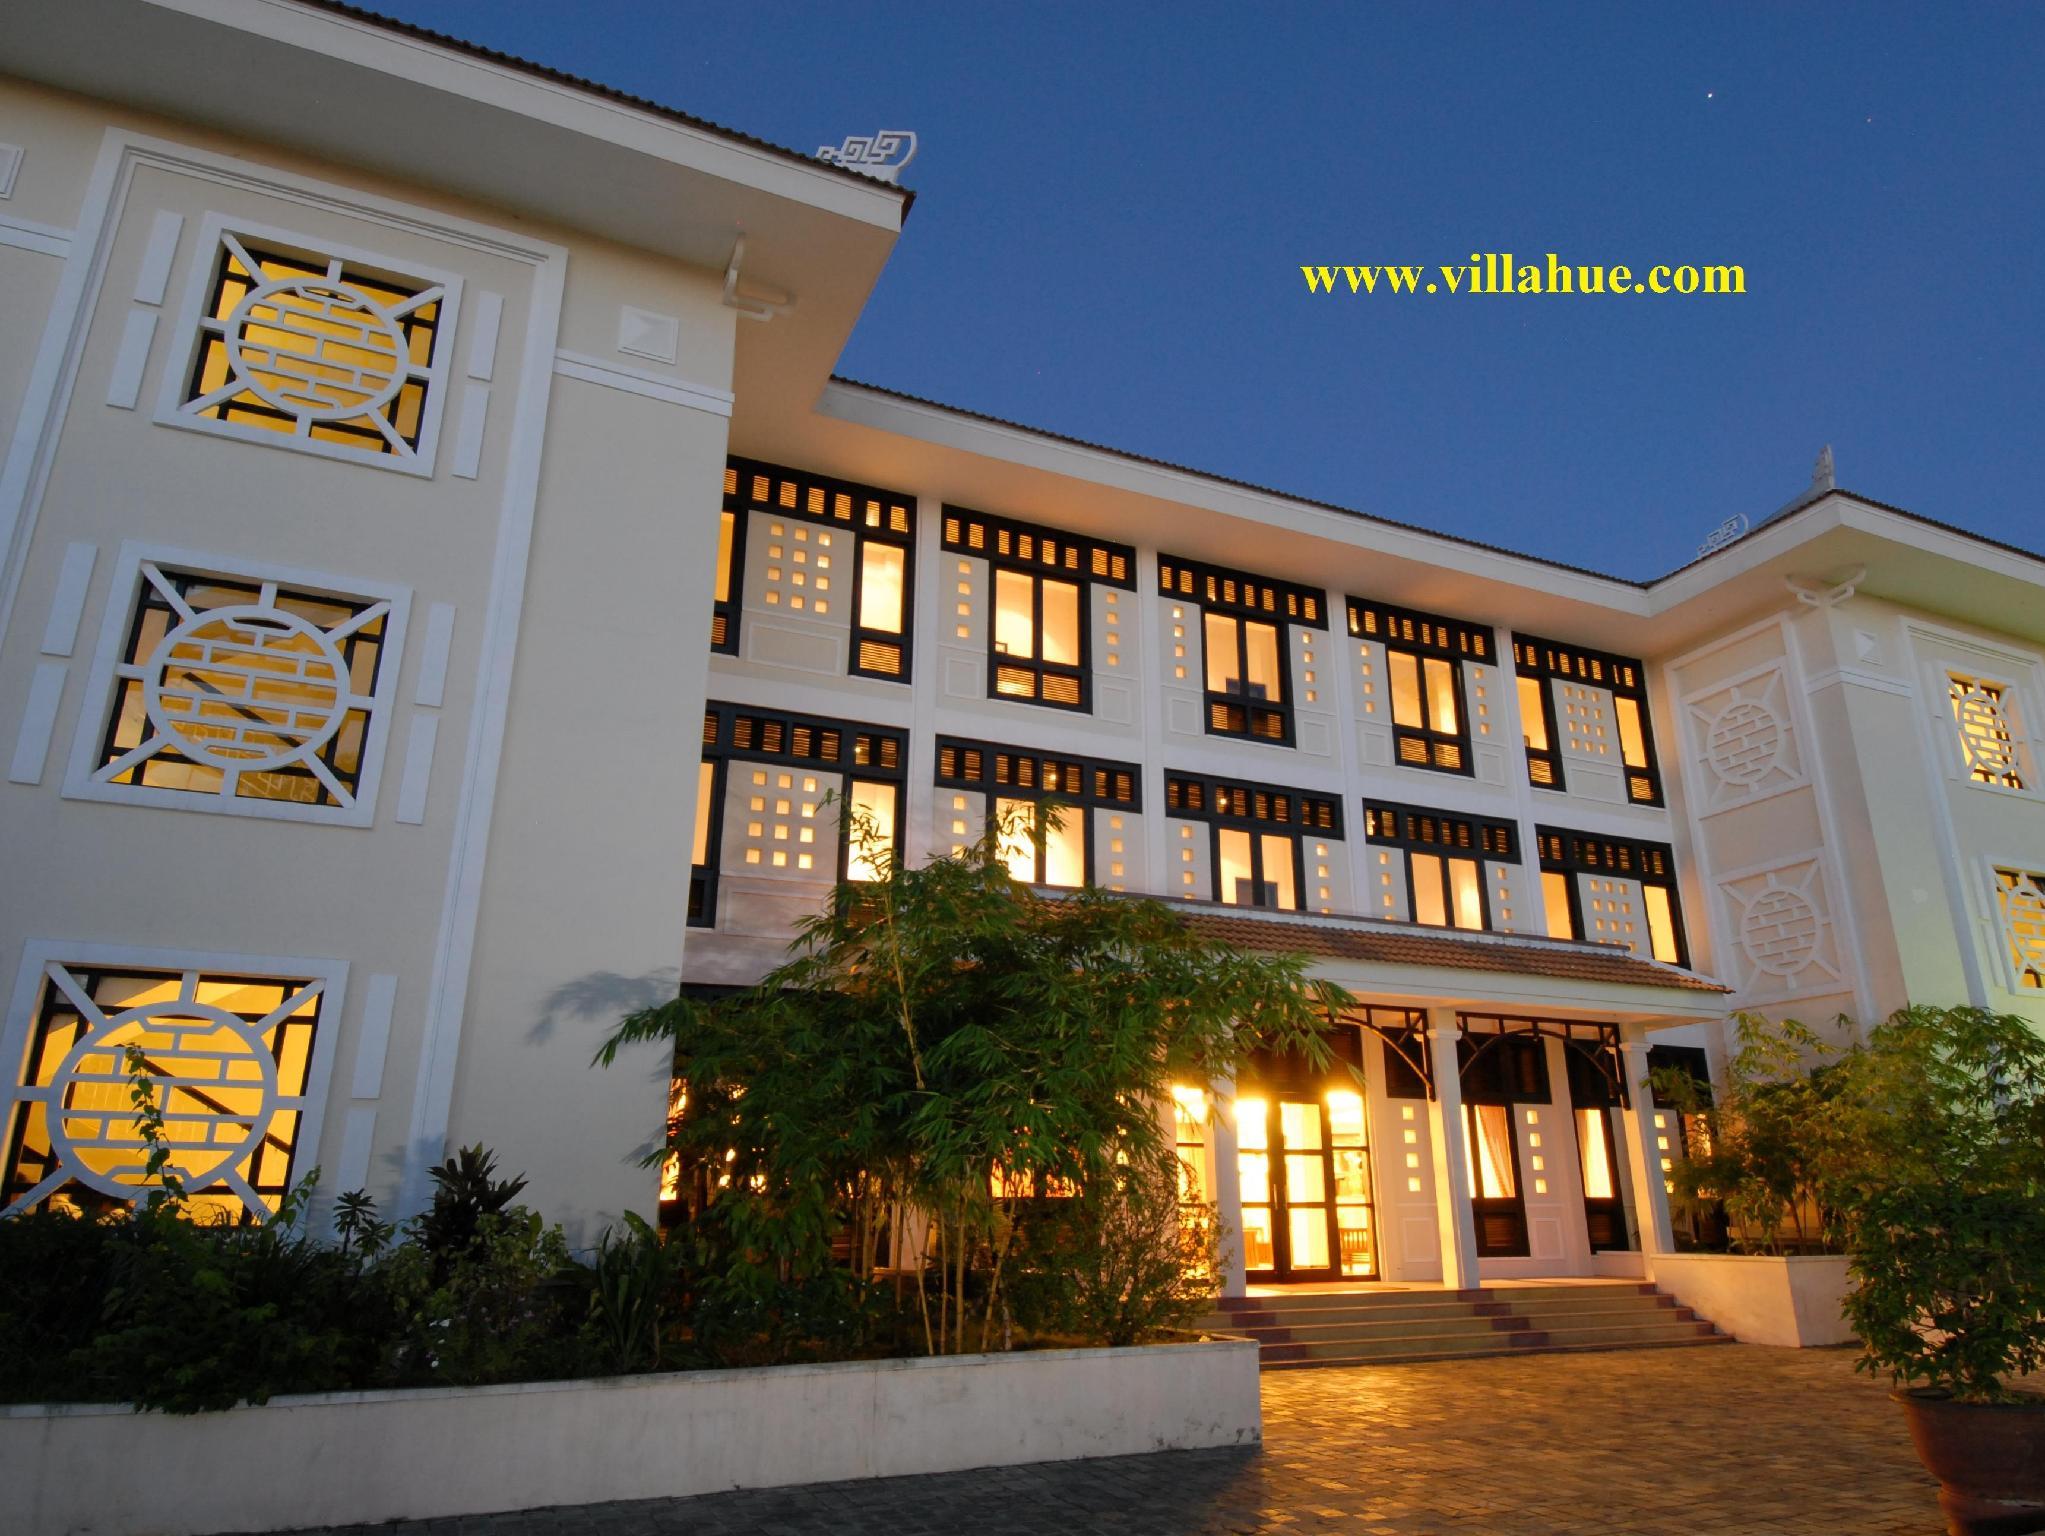 Hotell Villa Hue